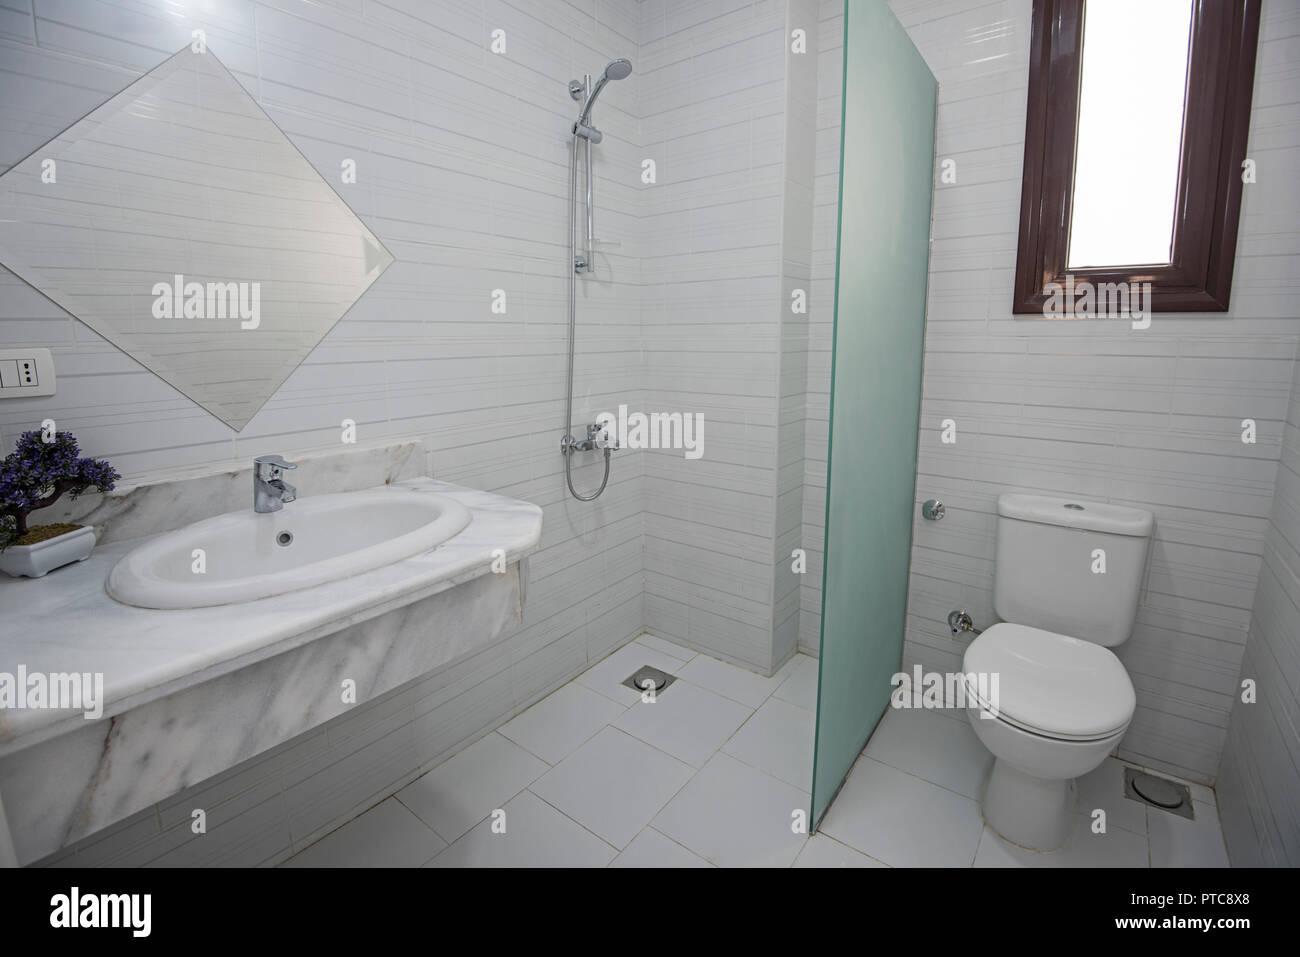 Design Bagno Con Doccia : Buono doccia con bagno turco il nella cabina design minimal di una